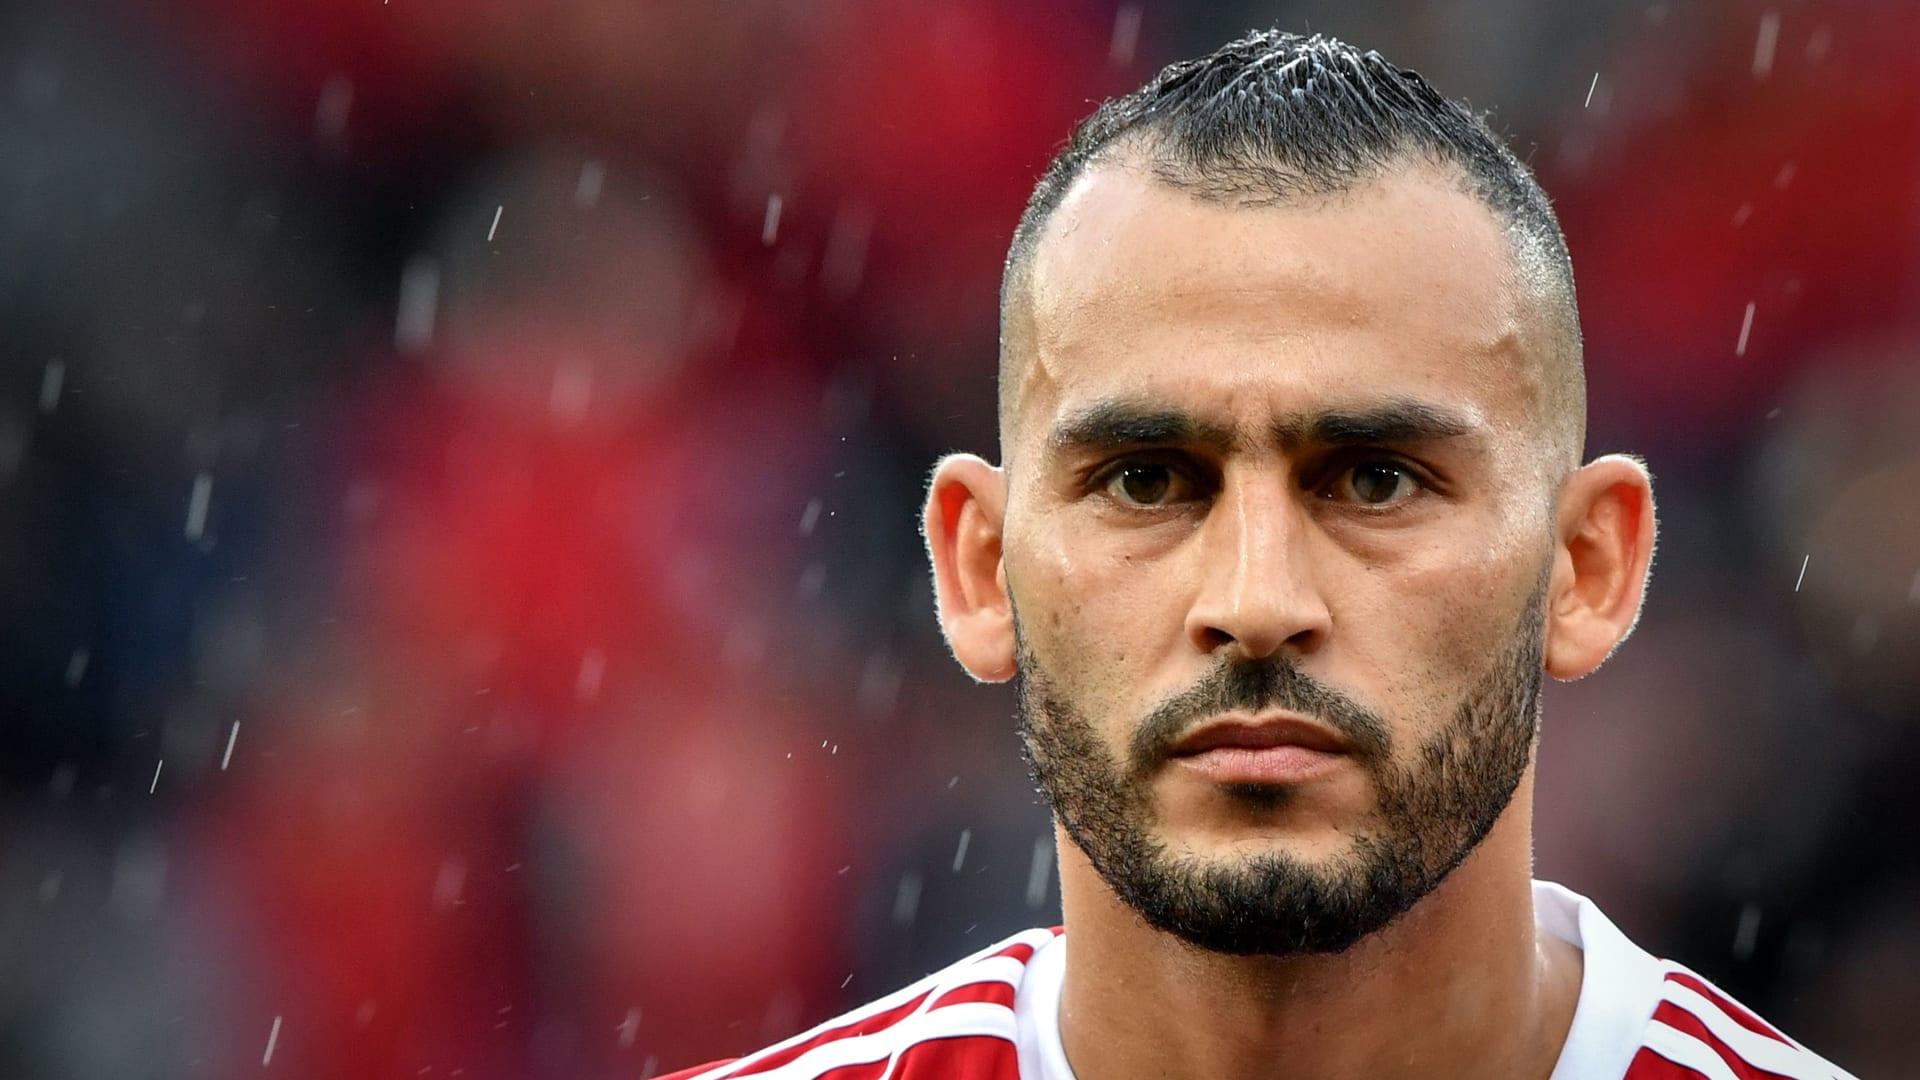 هل هذه هي التشكيلة المثالية لمنتخب العرب قبل كأس العالم؟